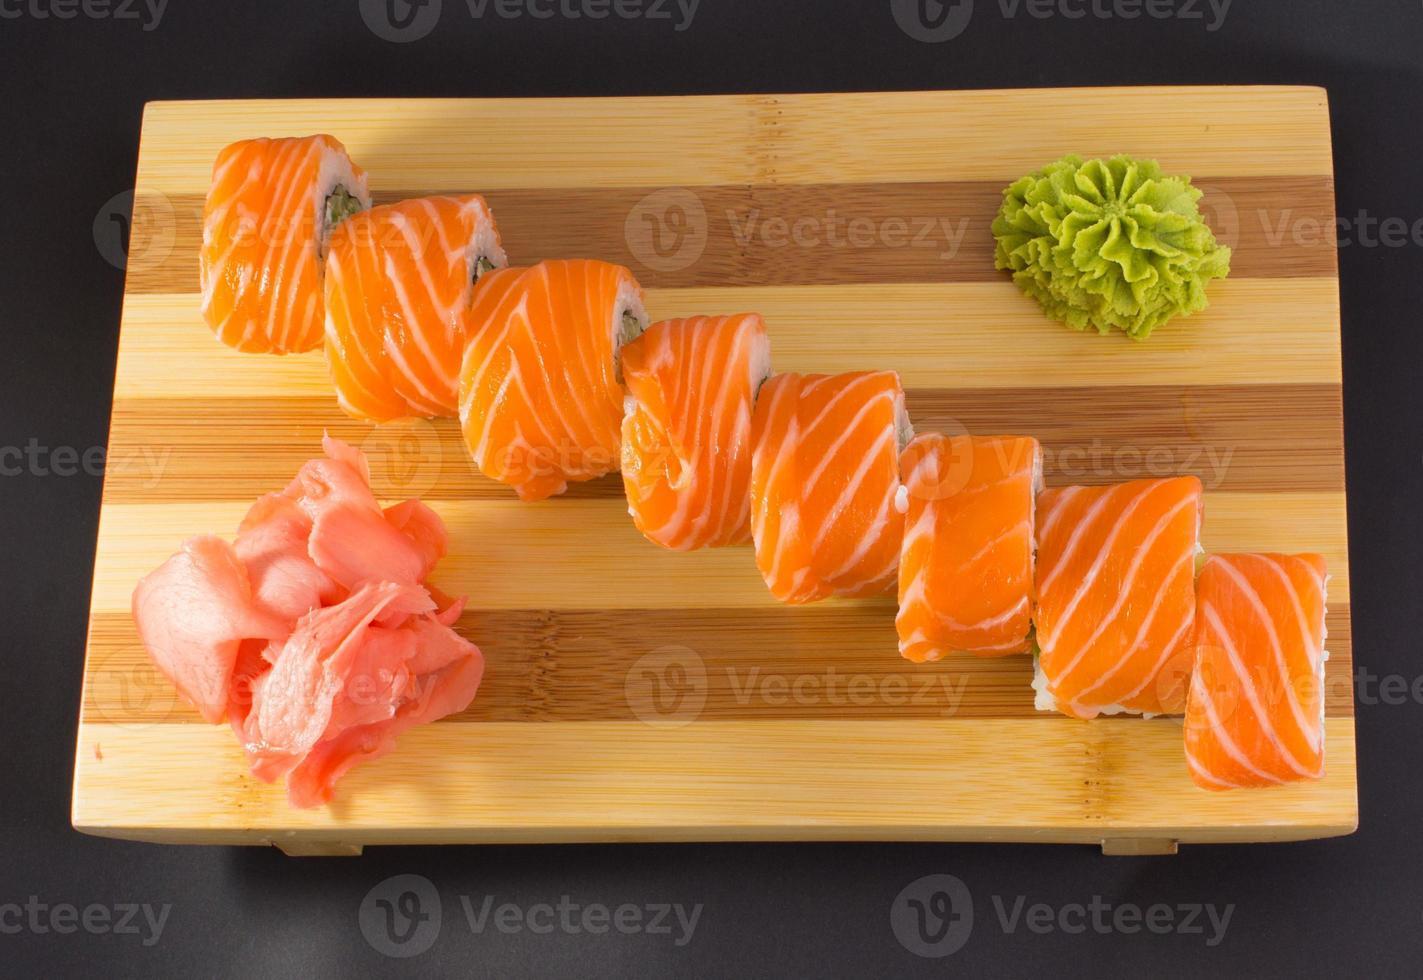 Sushi roll isolated on white background photo